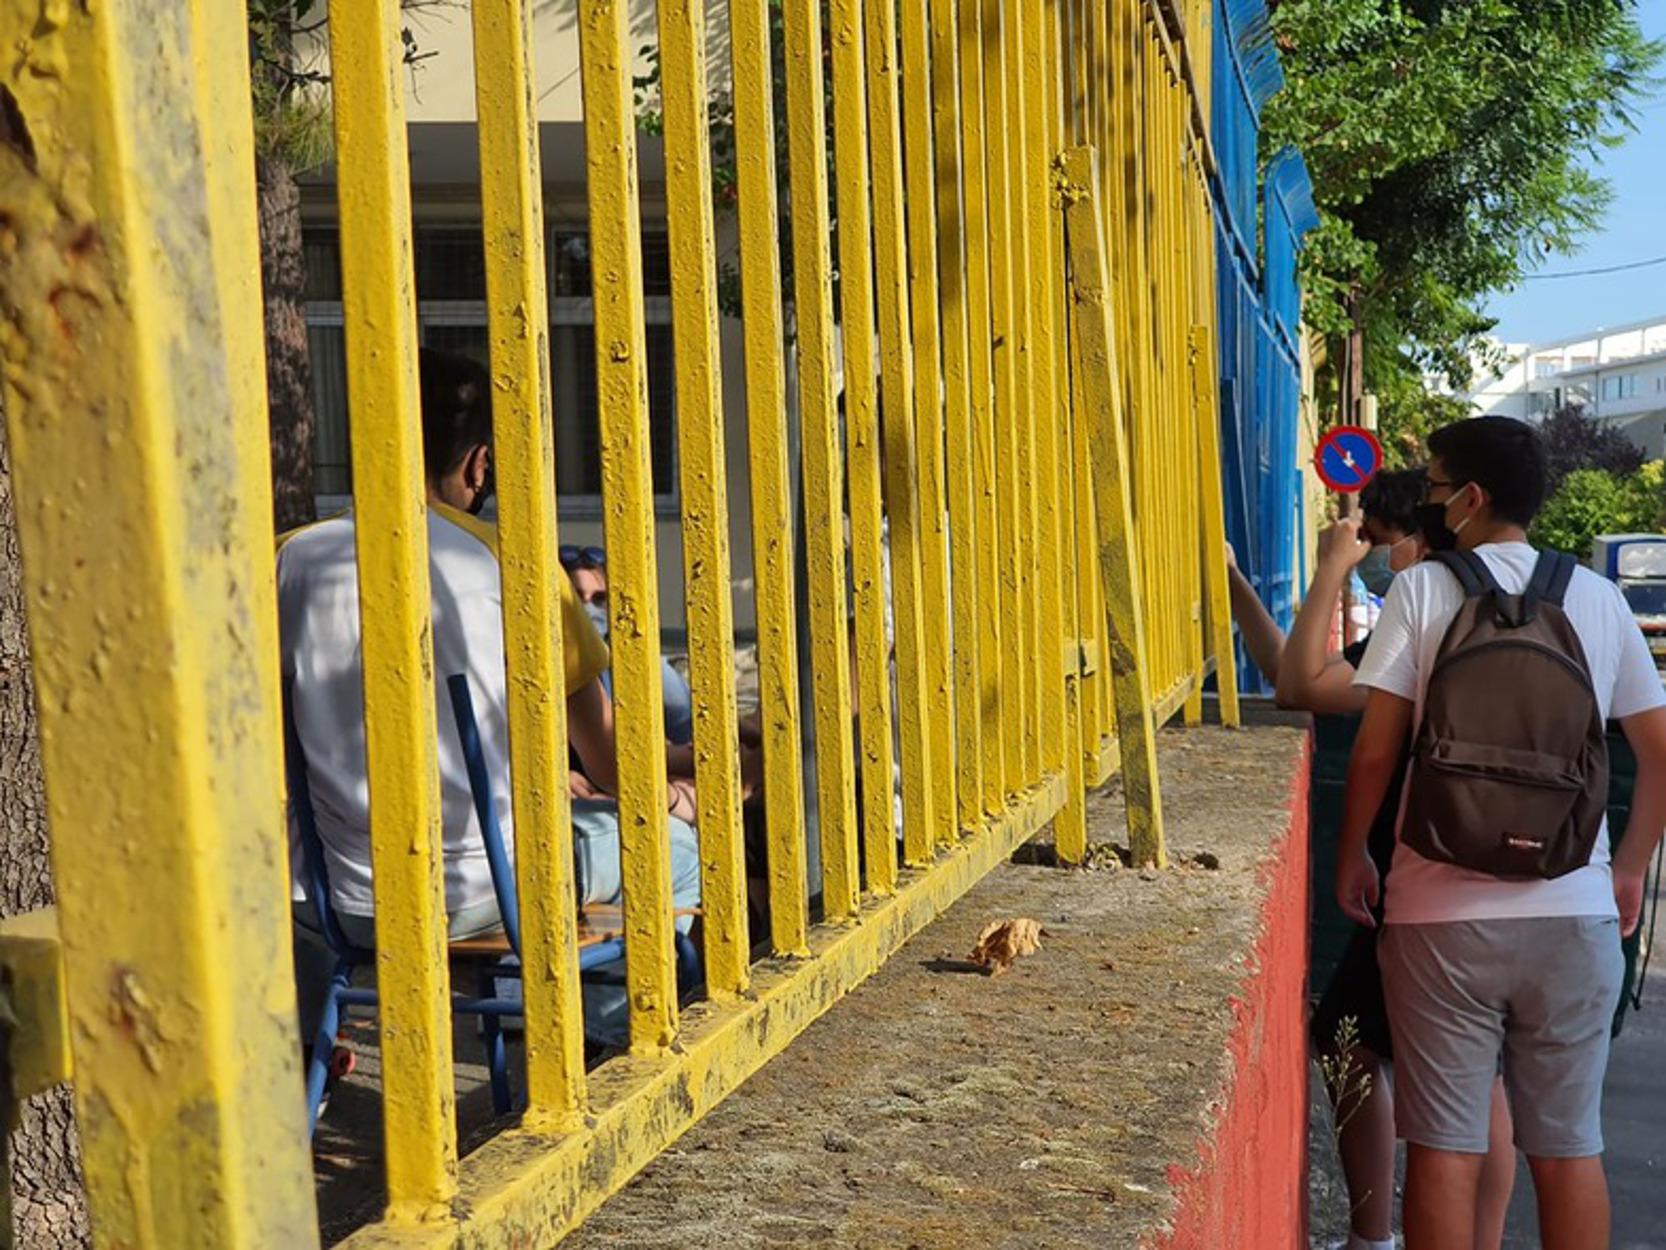 Υπουργείο Παιδείας για το άνοιγμα των σχολείων: Ο προγραμματισμός ισχύει ως έχει